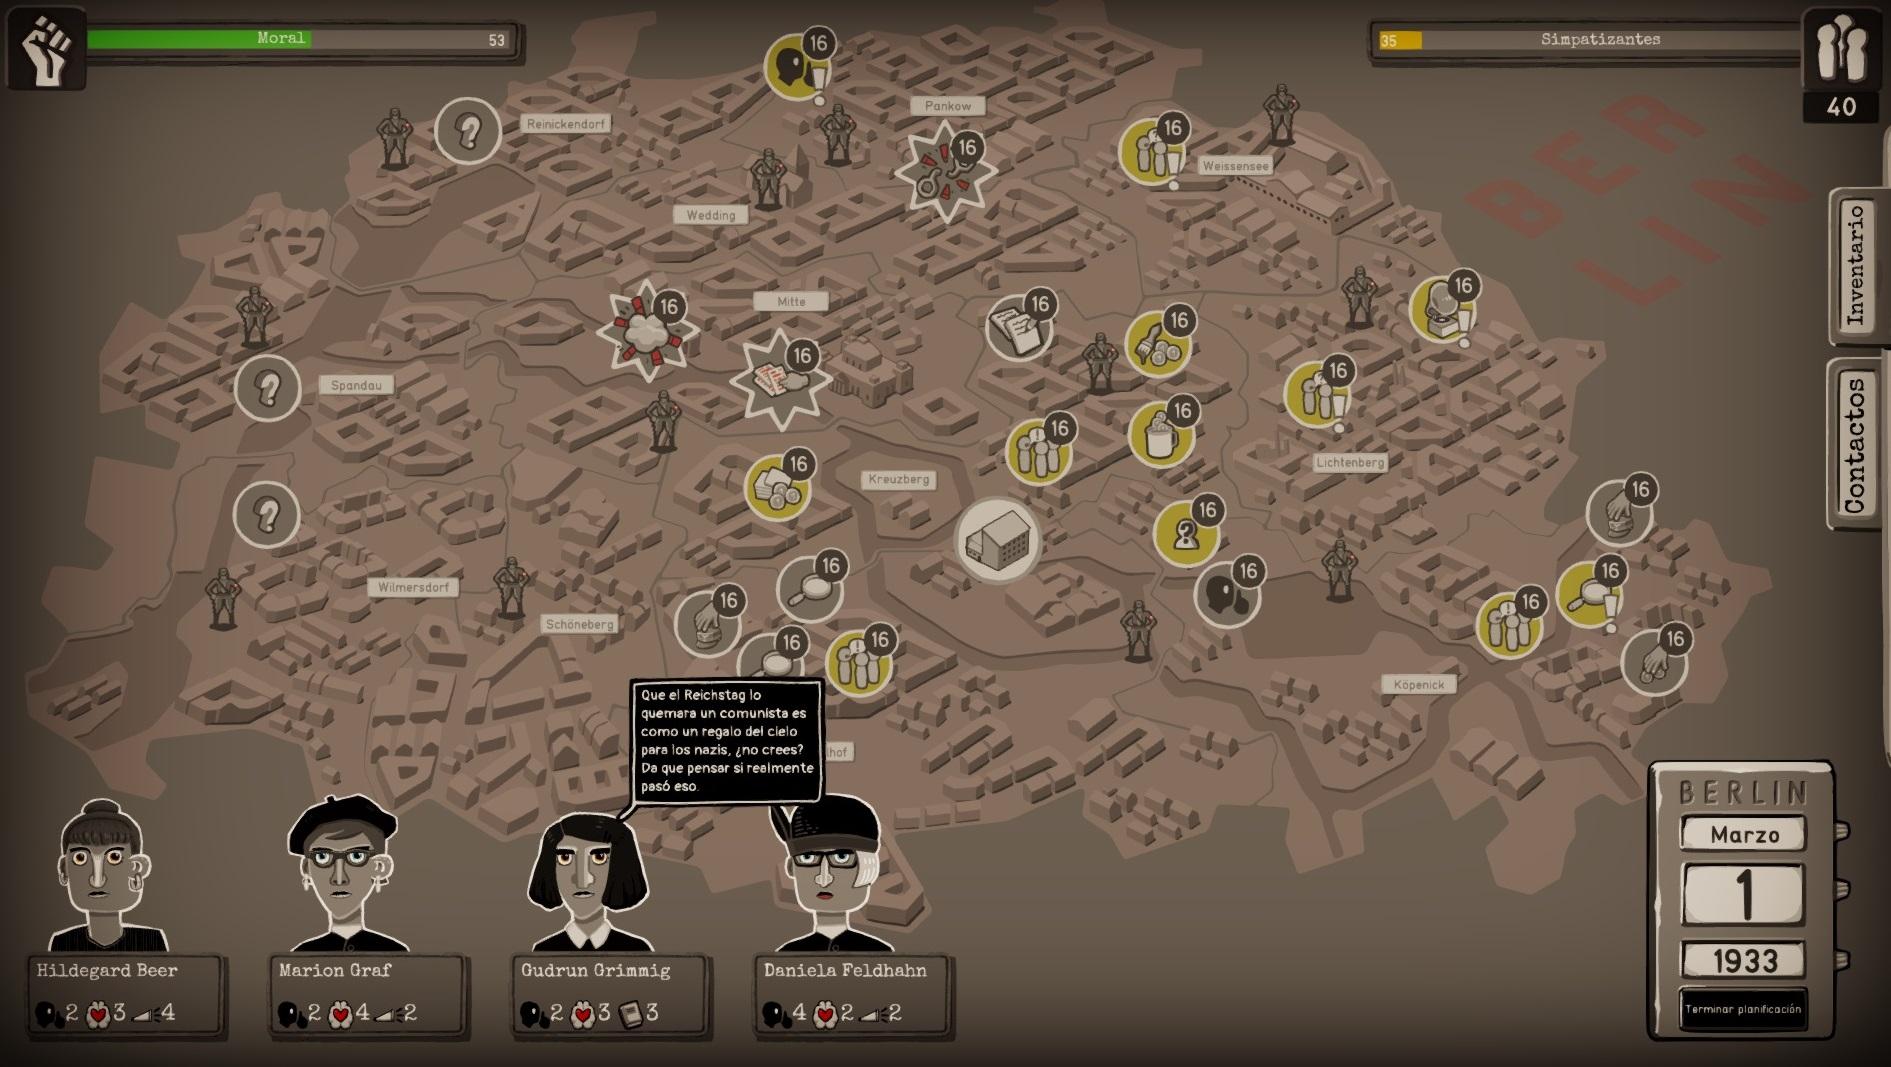 Mapa de turnos